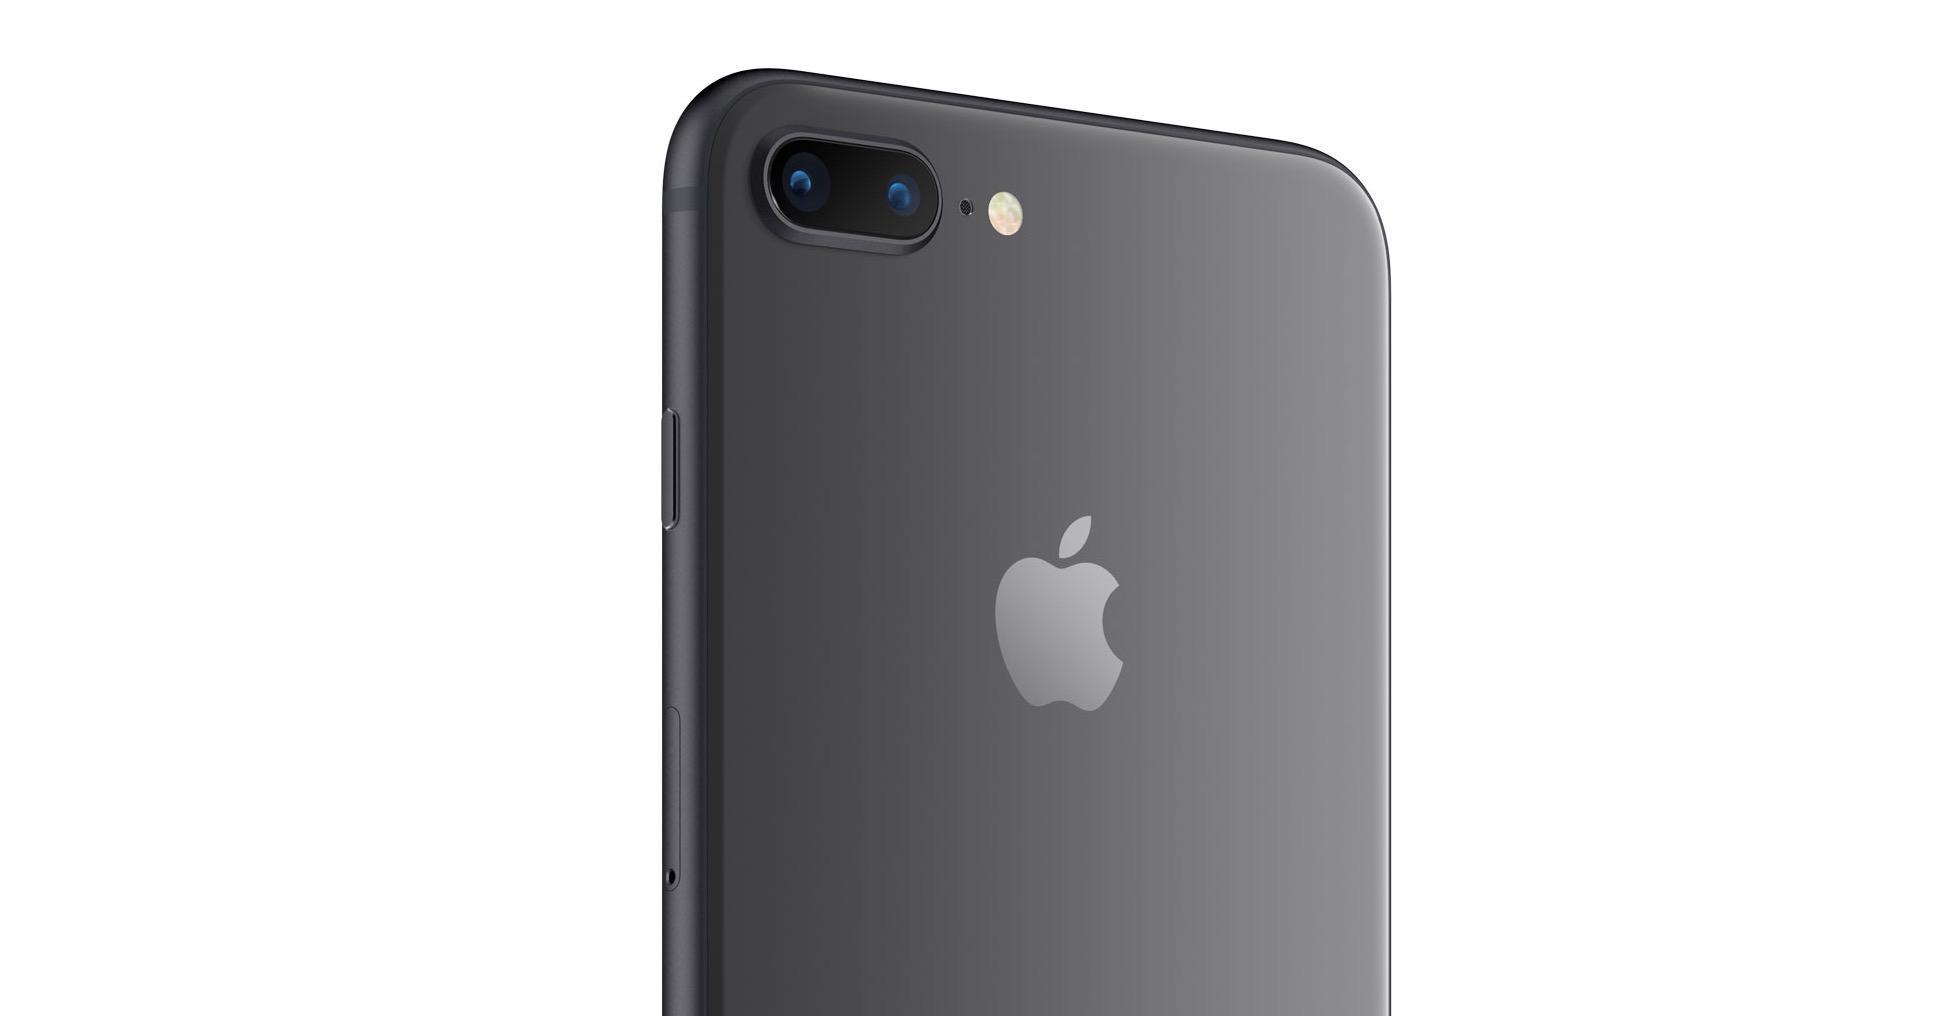 iPhone 8 Plus video 4K